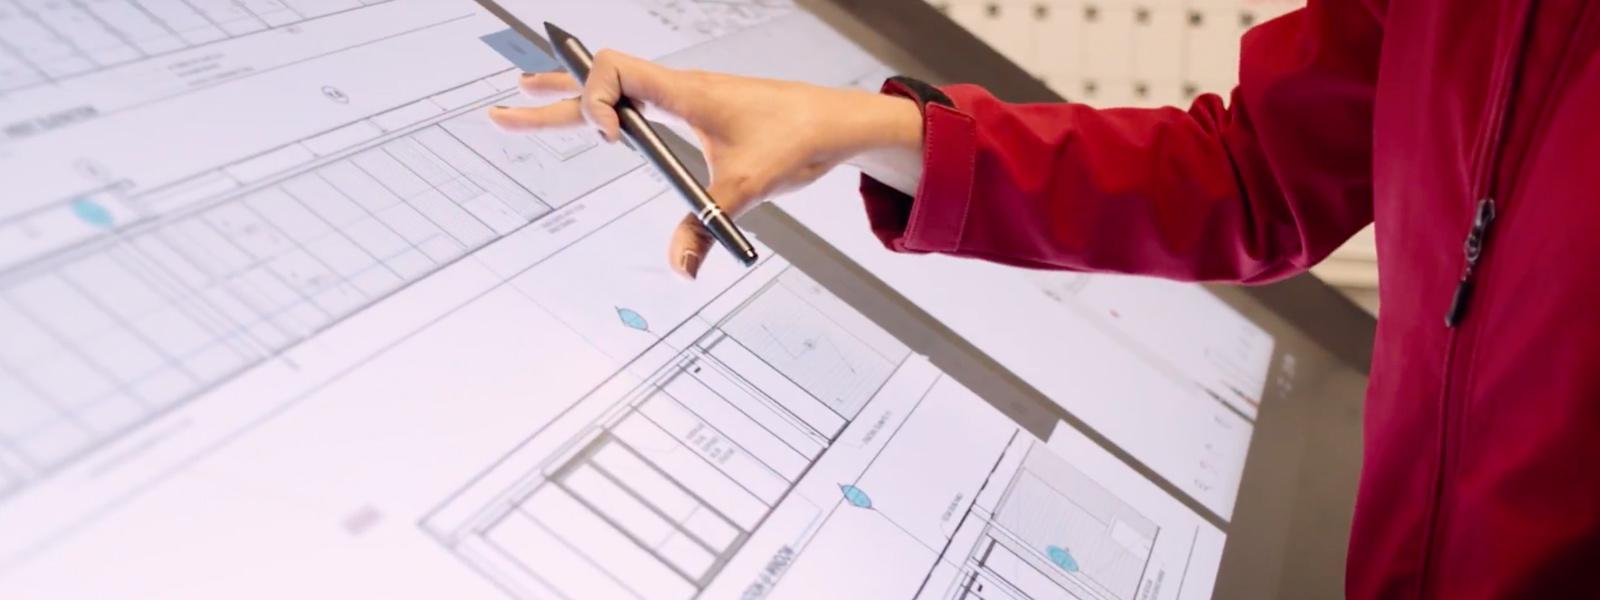 Suffolk Construction の従業員が Surface Hub で設計図の作業をしている。